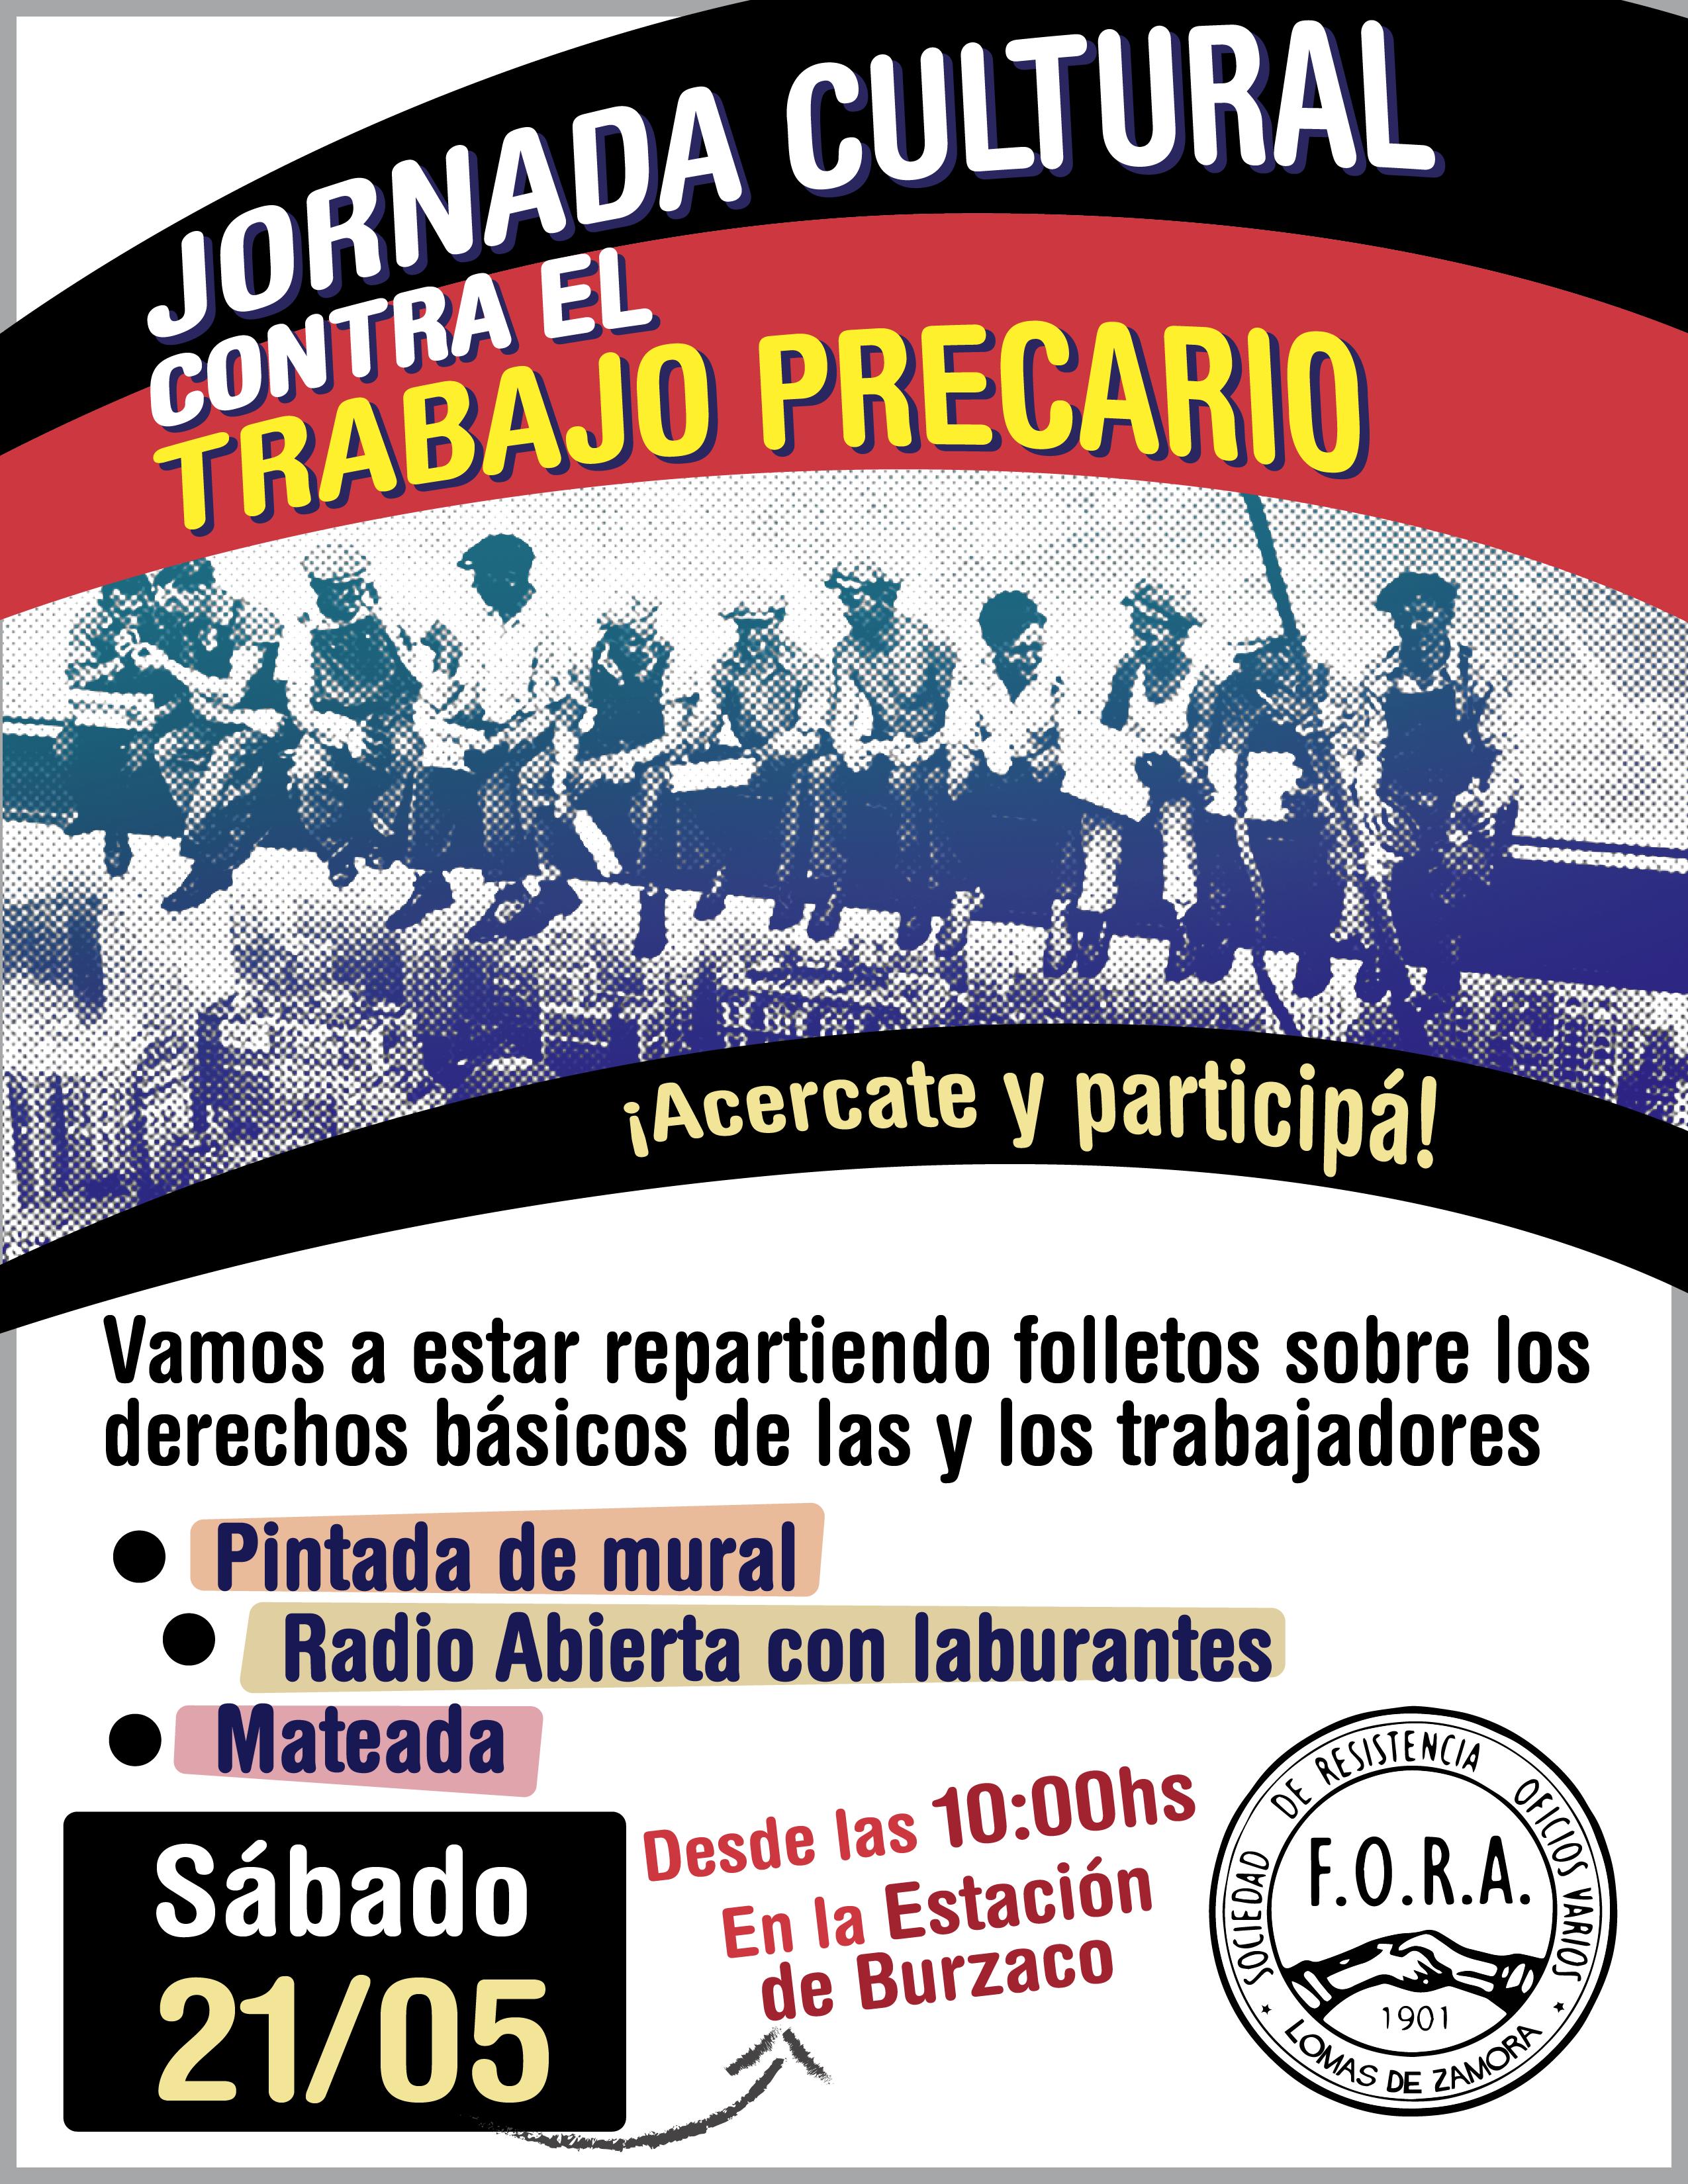 jornada-cultural-contra-precario-01.png